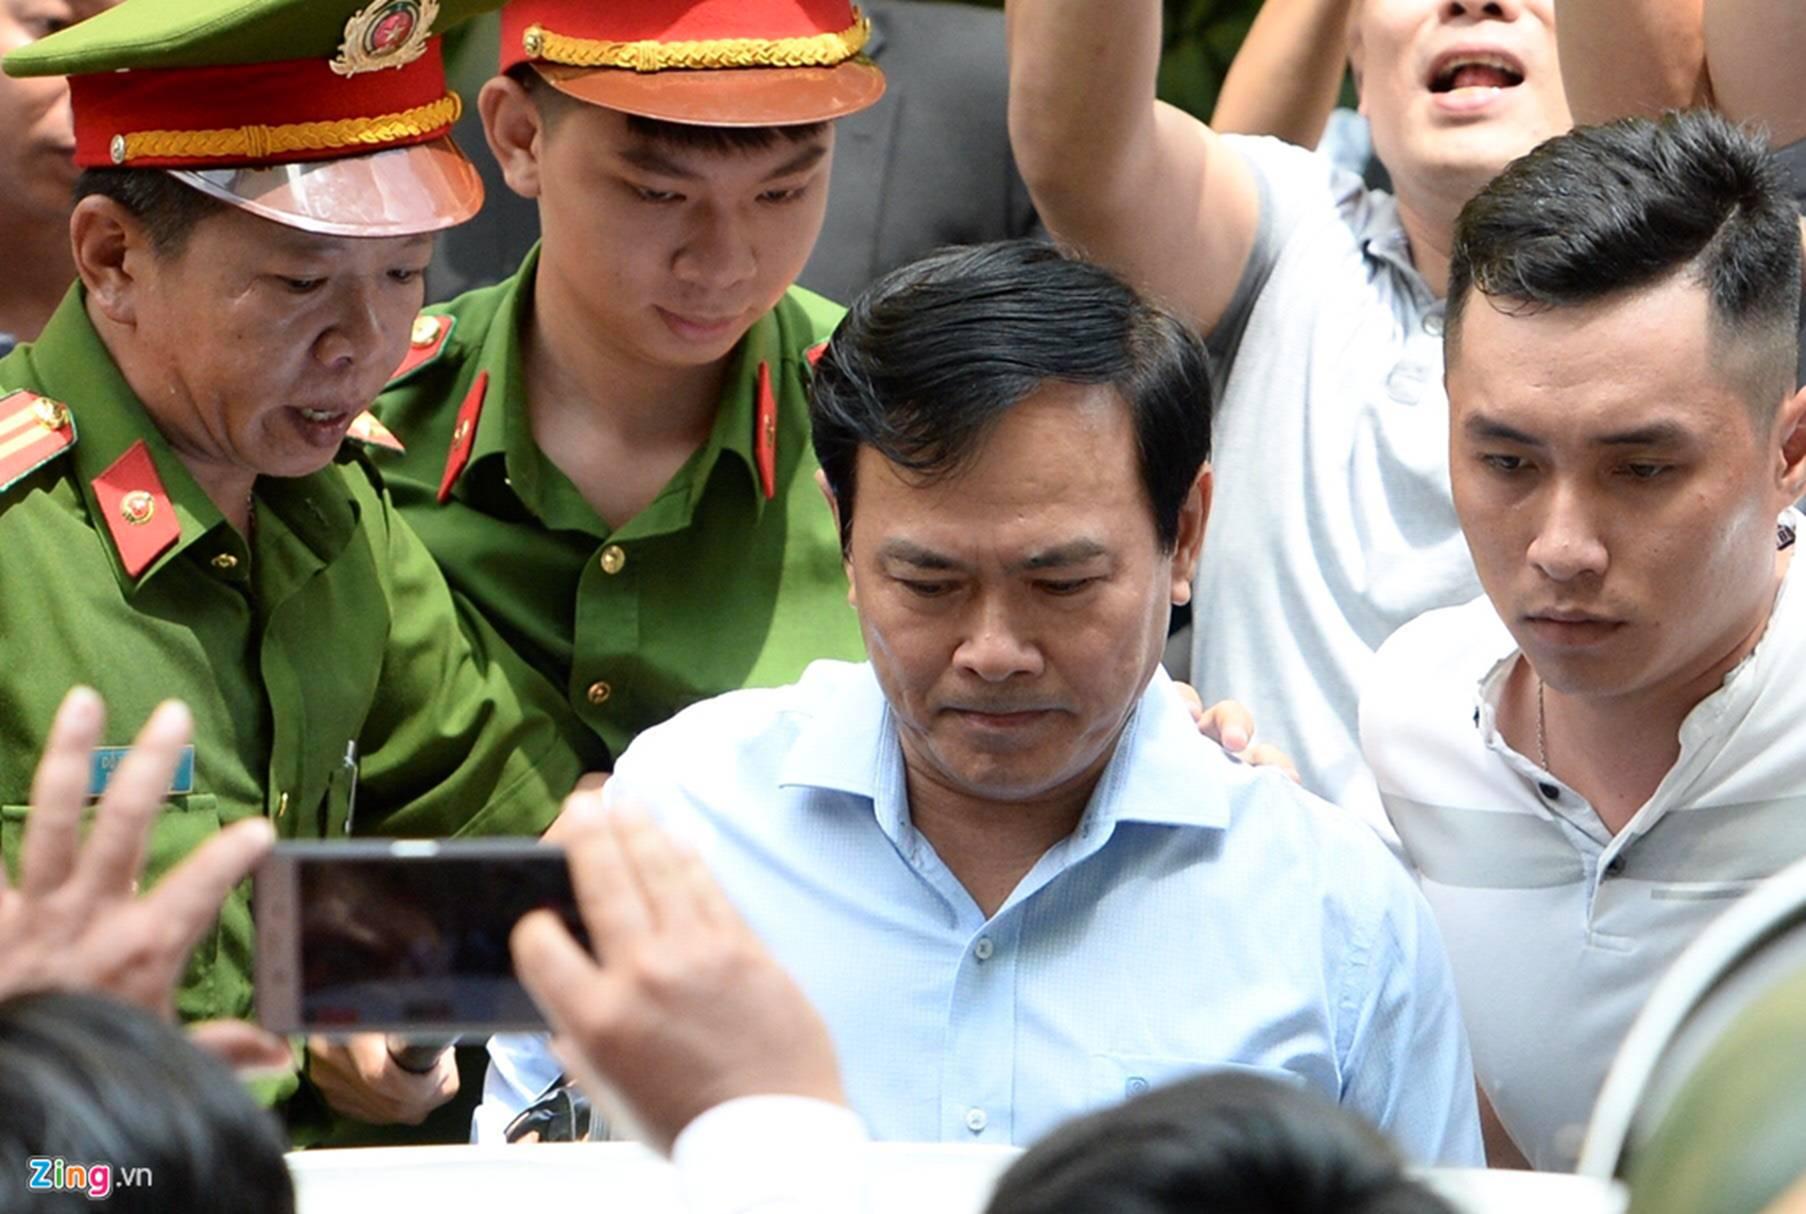 Hàng chục cảnh sát hộ tống Nguyễn Hữu Linh rời tòa-4